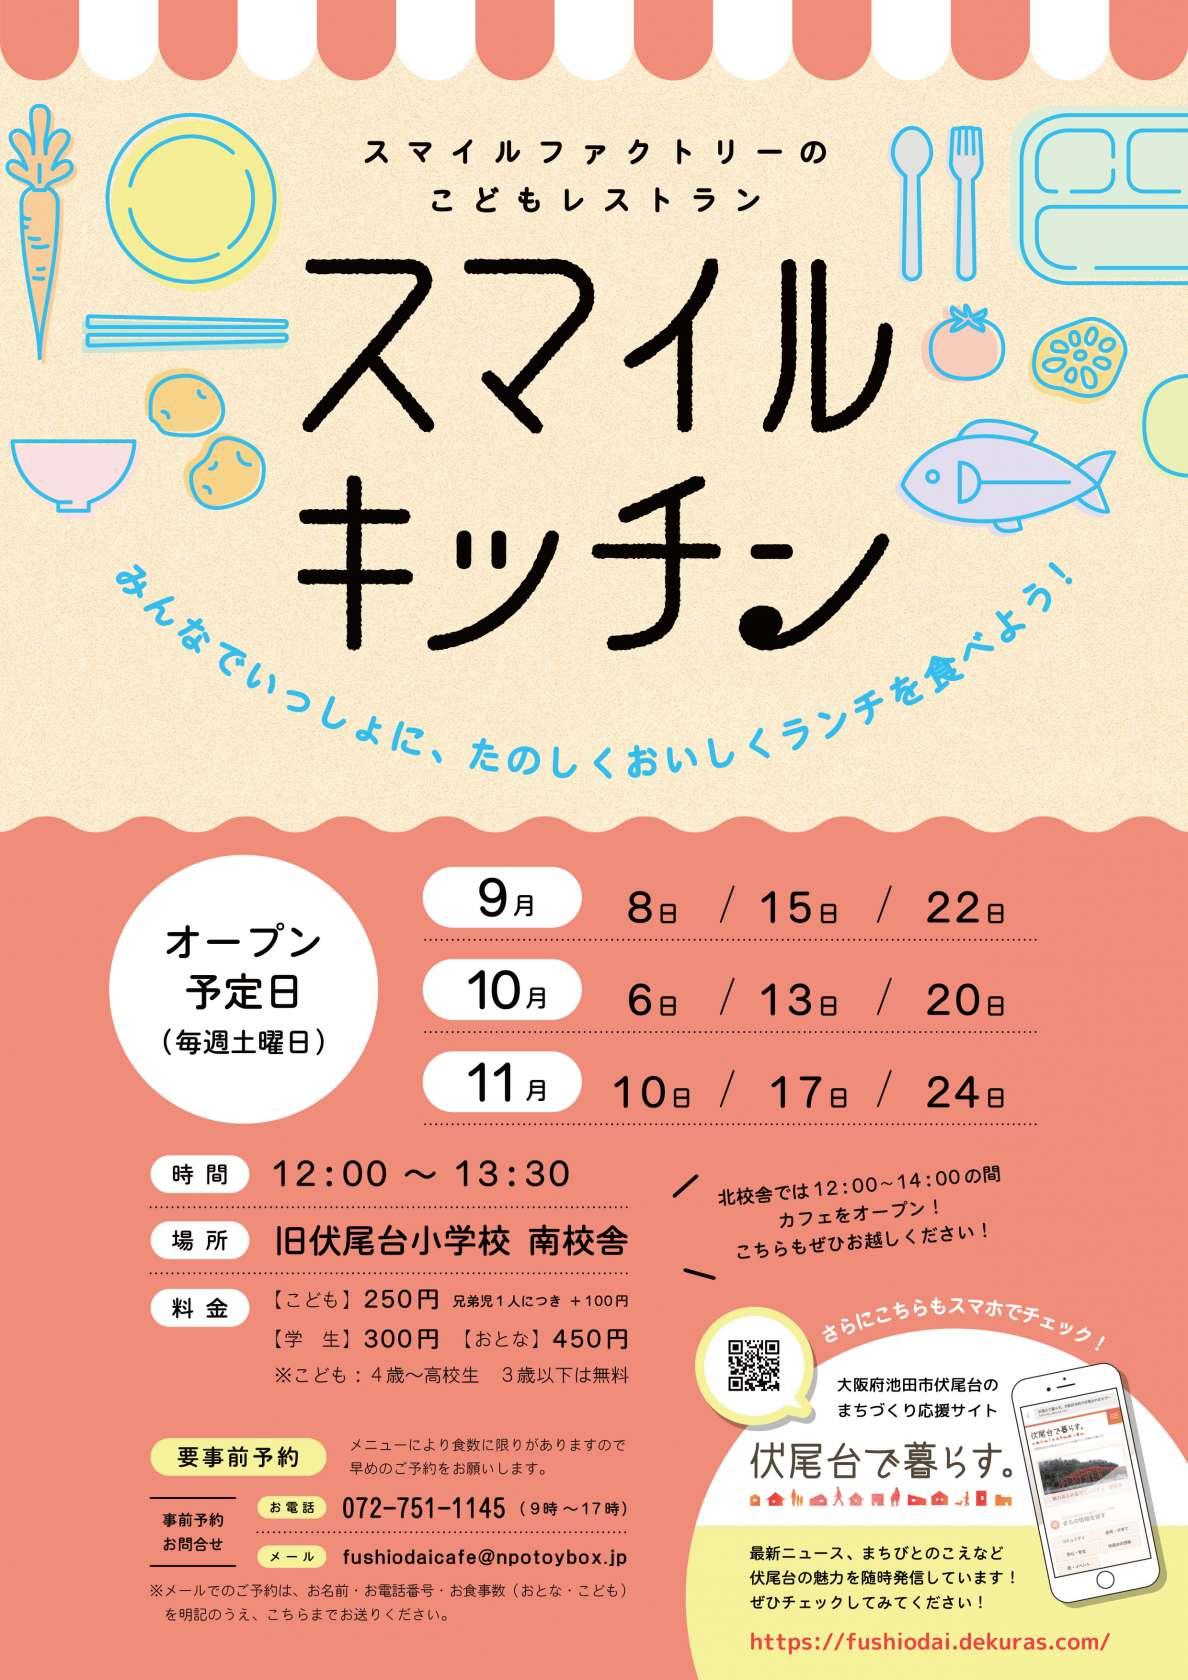 こどもとちいきのレストラン「スマイルキッチン」9月から11月の開催日程